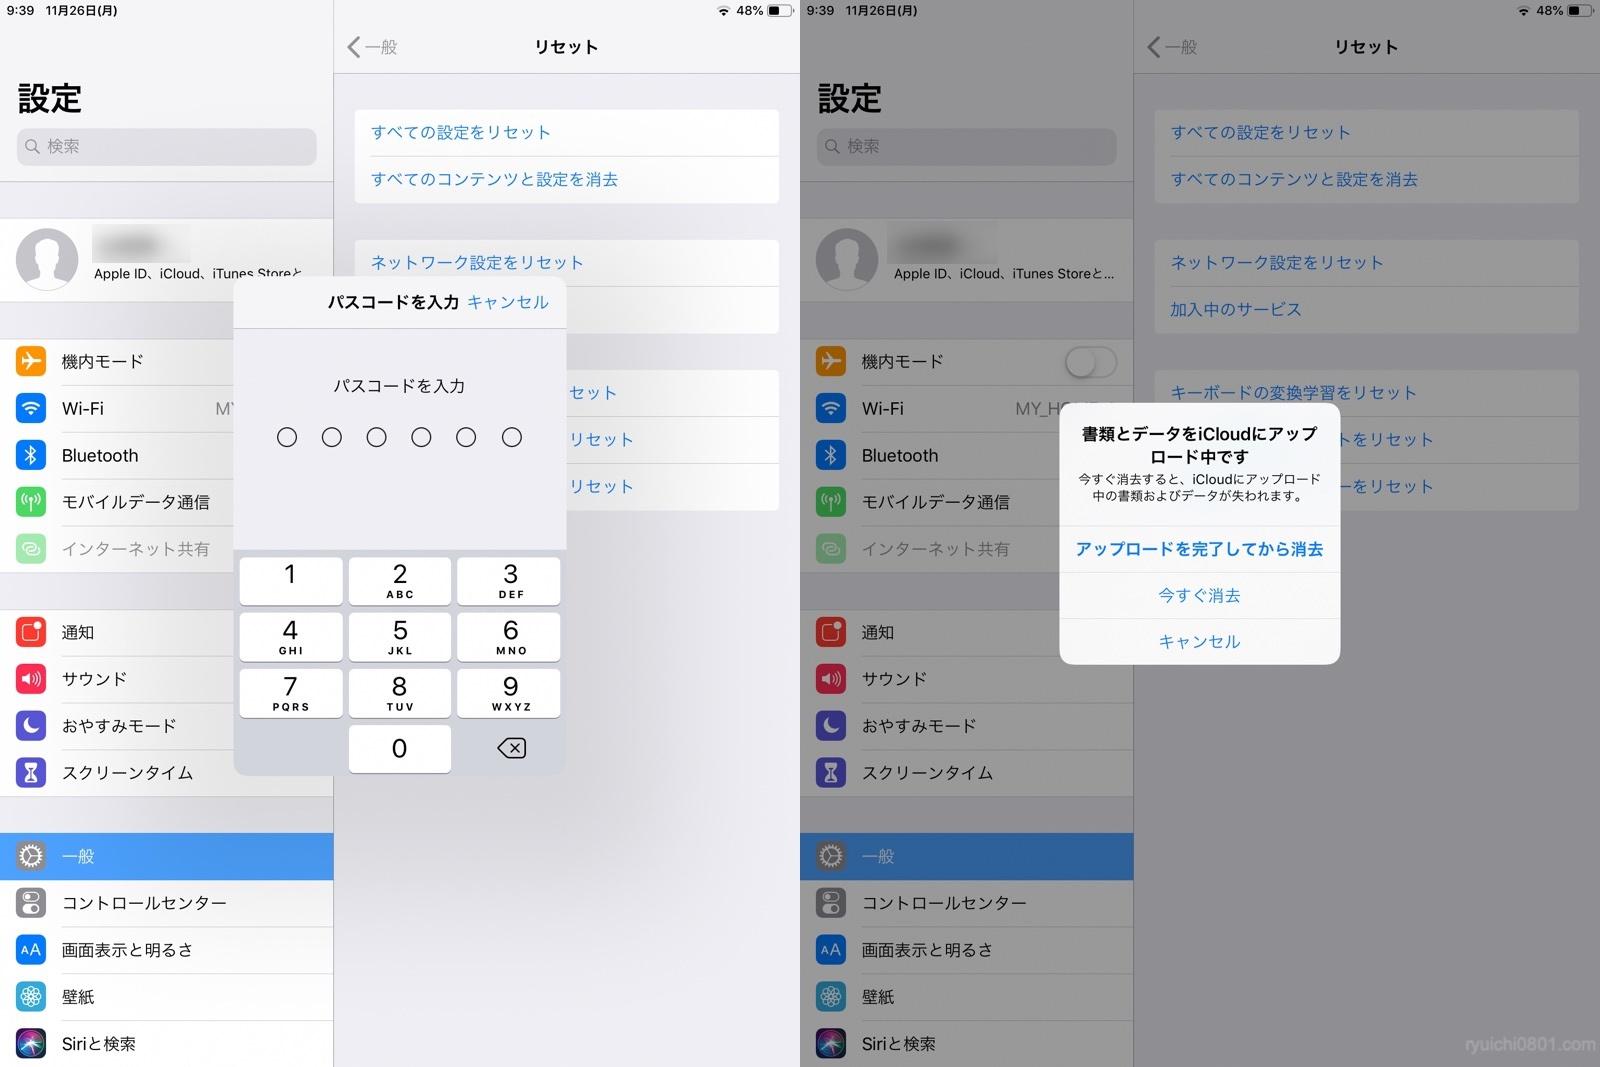 iPhone-iPadからのデータ消去